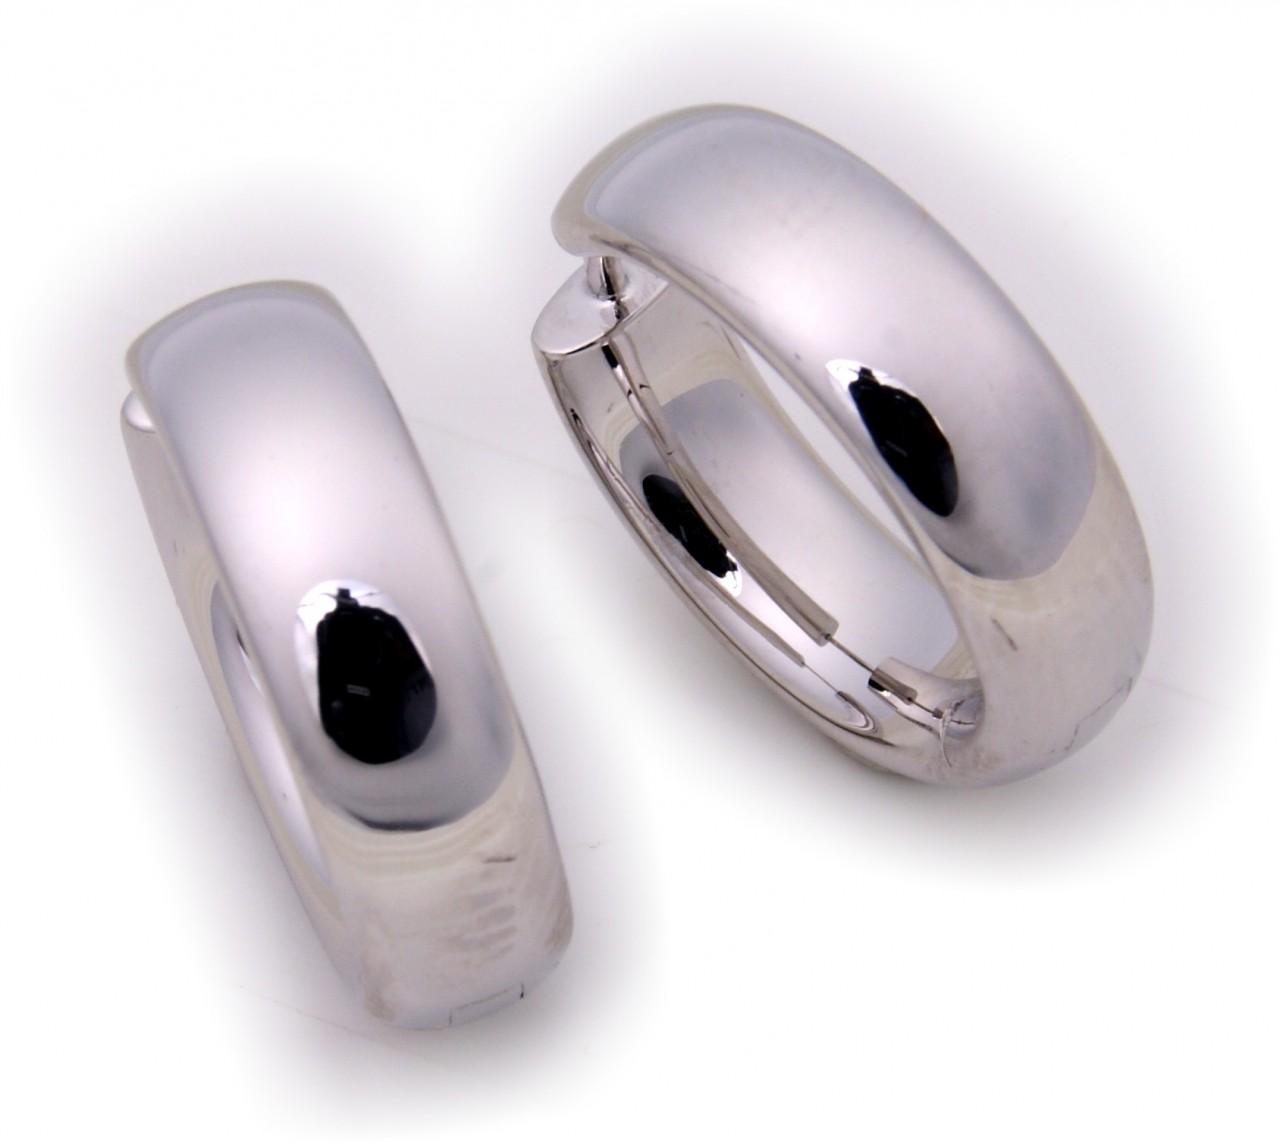 Ohrringe Klapp-Creolen halbrund konkav echt Silber 925 20 mm Sterlingsilber